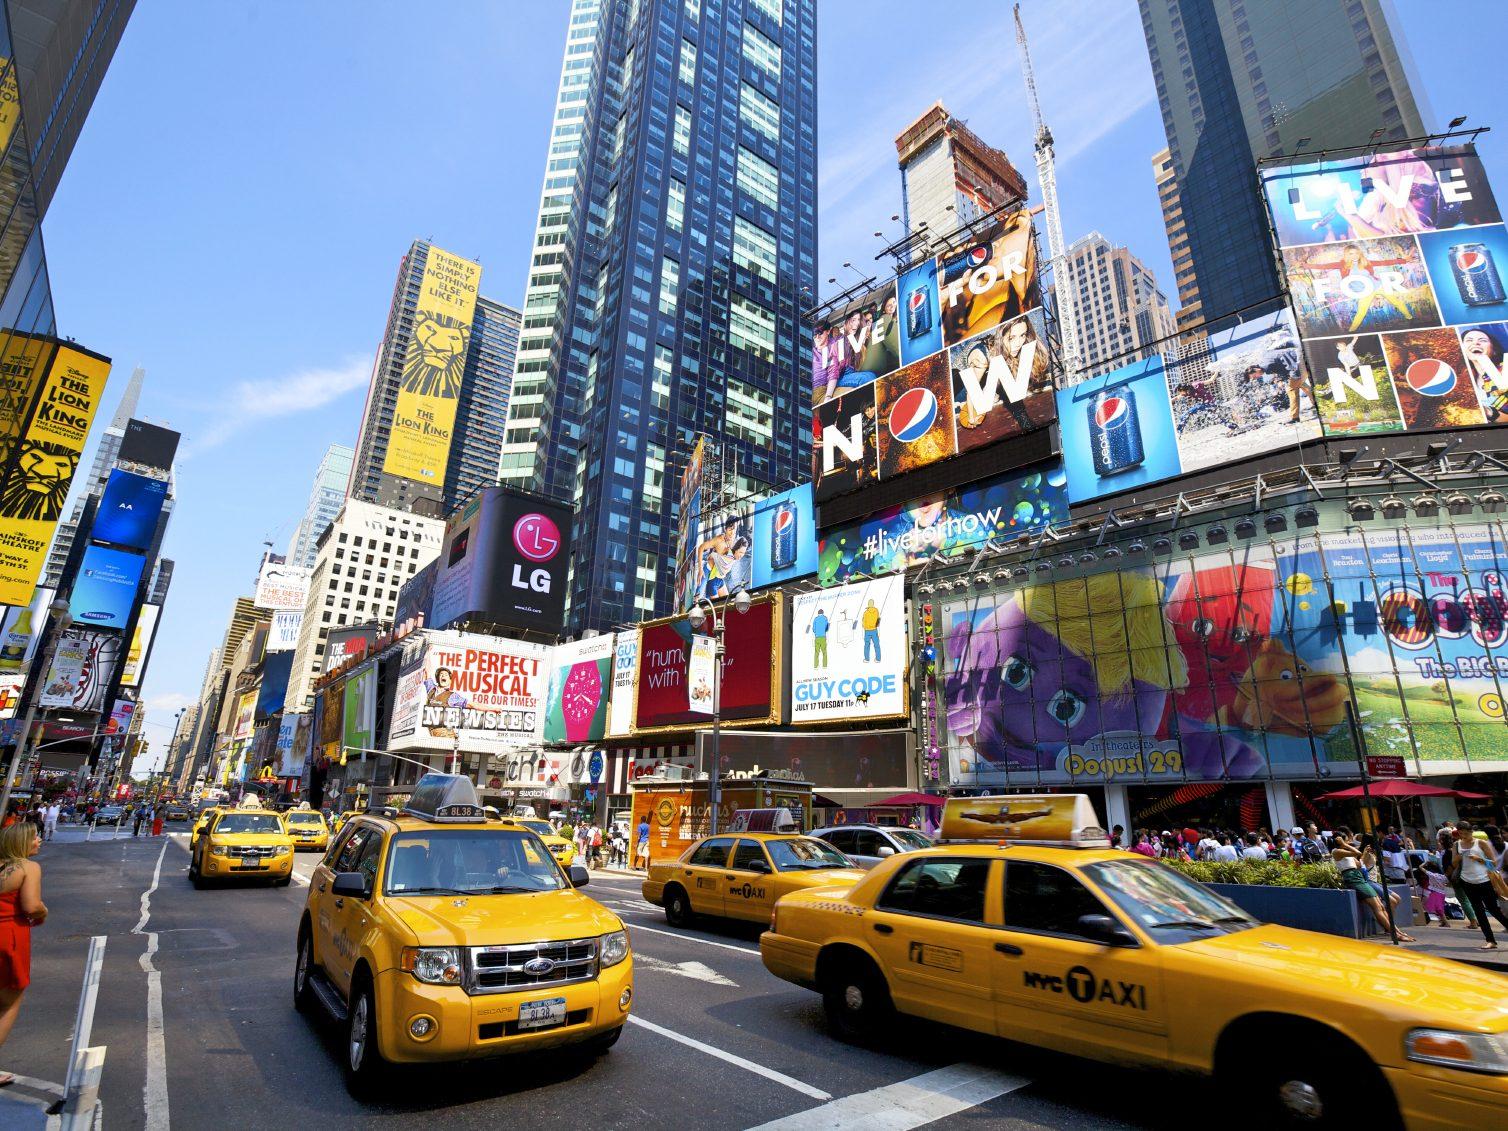 6. Times Square et le quartier des théâtres